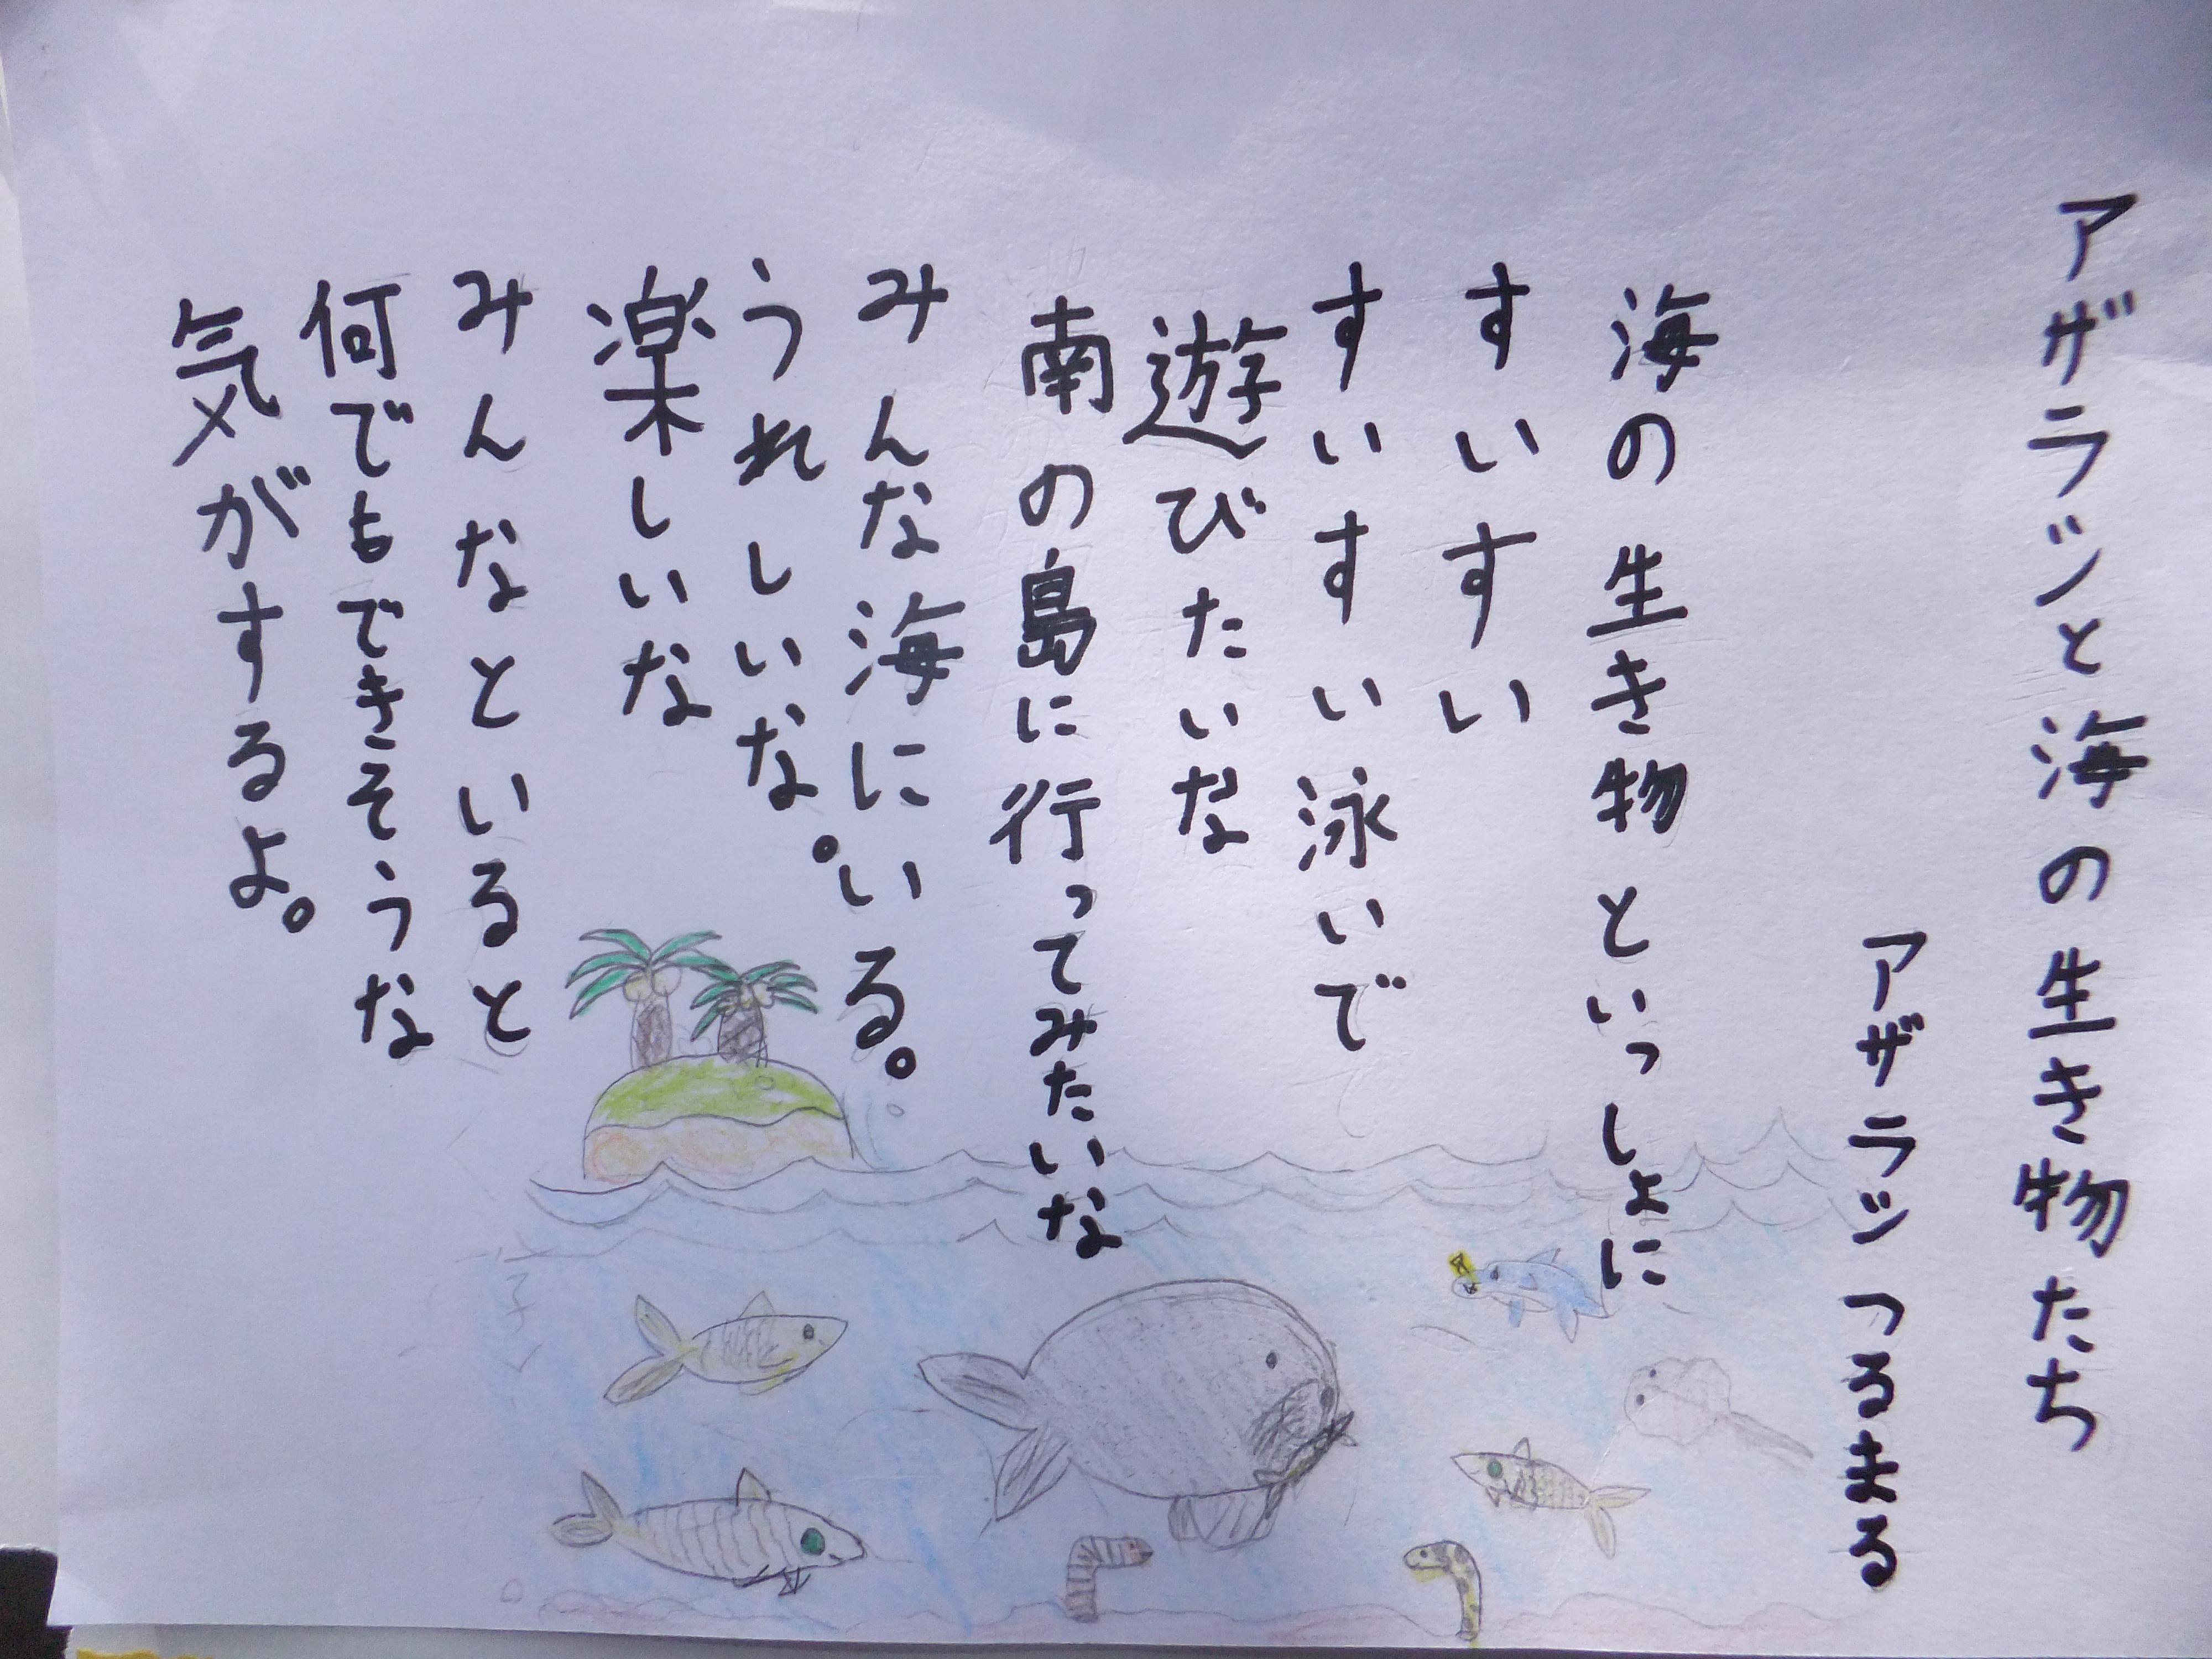 11あかりさん 5年生 アザラシつるまる」という主人公の気持ちになって書きました。将来は、水族館の飼育員になりたいです